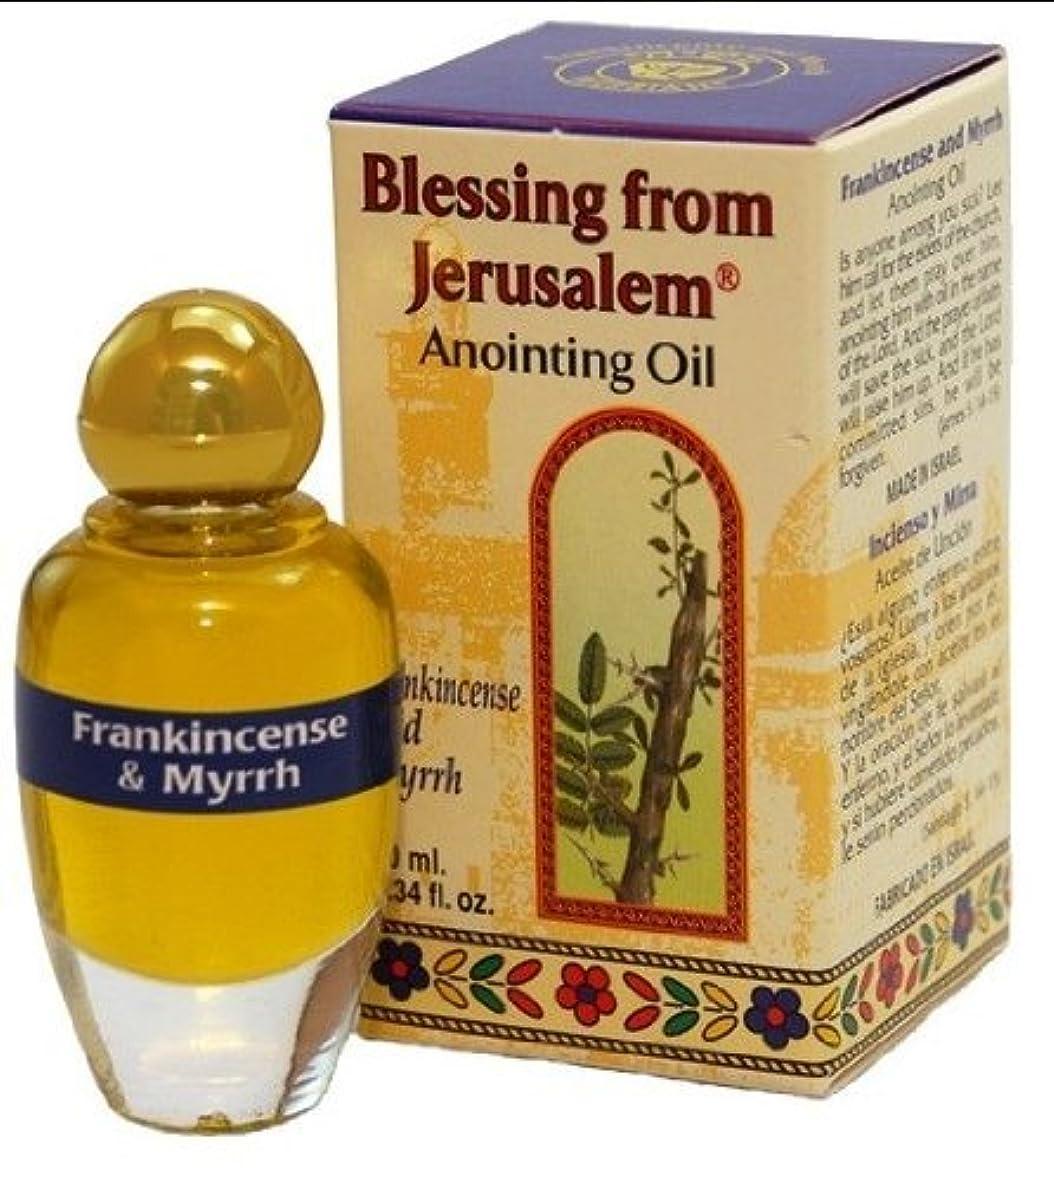 桃秘密の基準Frankincense and MyrrhエルサレムAnointingオイル0.34 FLオンスからThe Land of the Bible byベツレヘムギフトTM